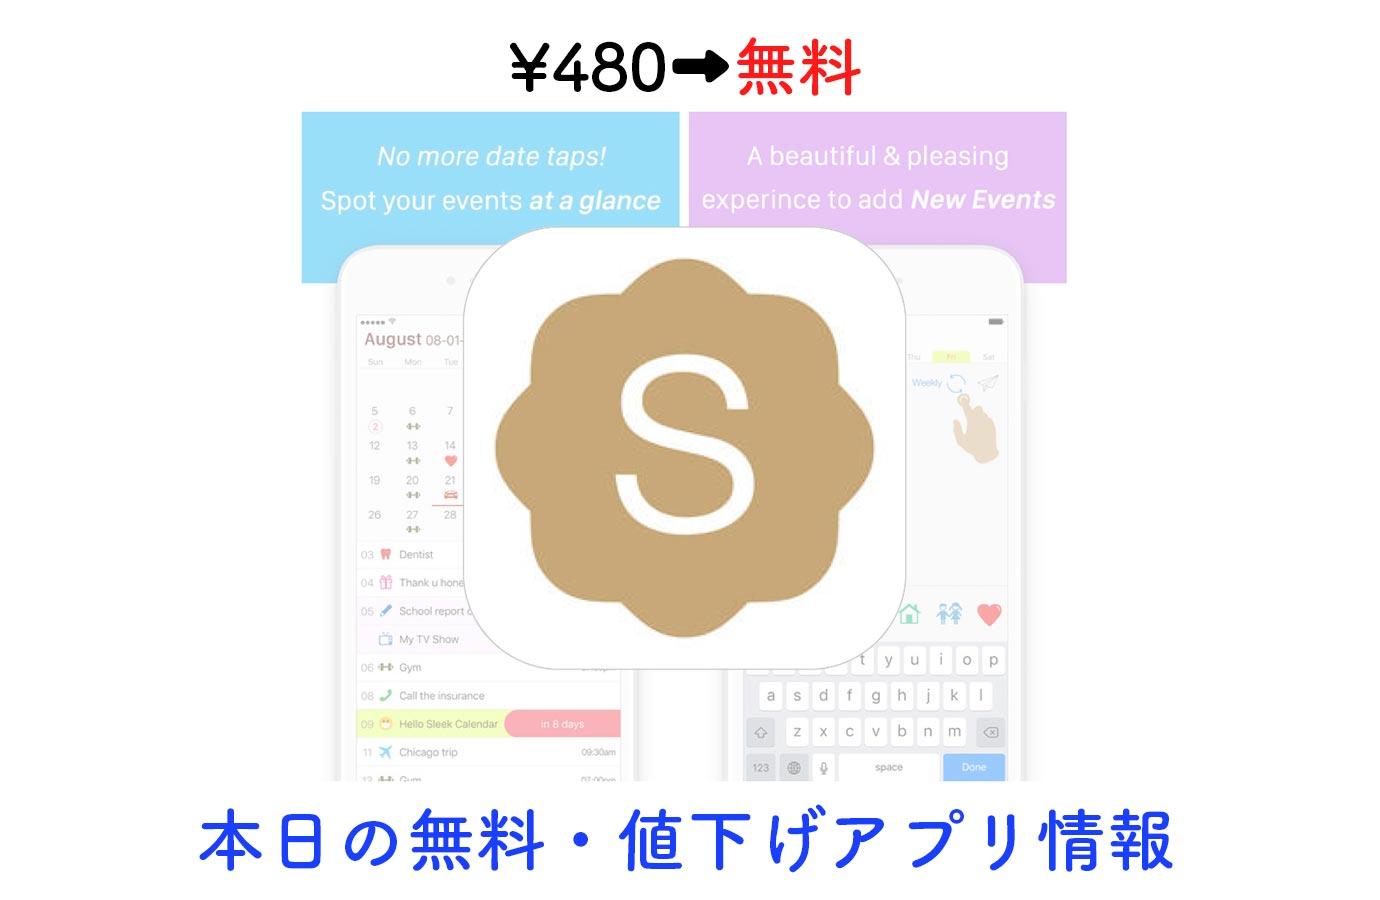 ¥480→無料、アイコン表示がわかりやすいカレンダー「Sleek Calendar」など【12/11】本日の無料・値下げアプリ情報